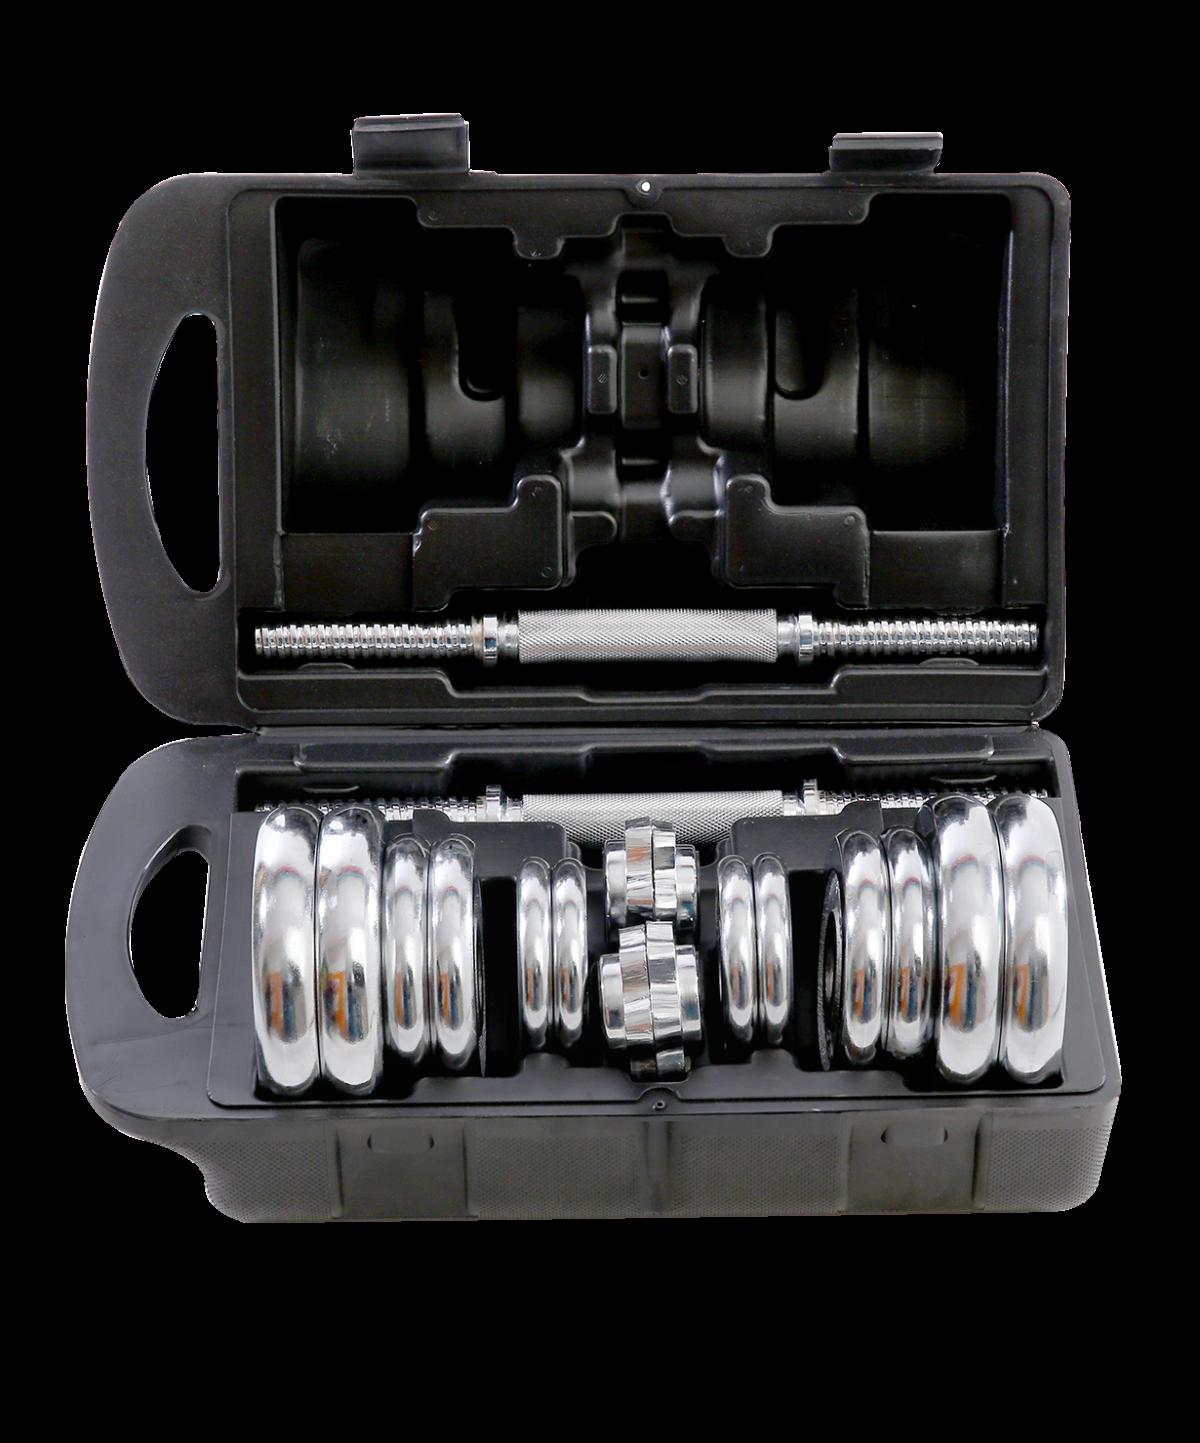 STARFIT Гантели хромированные разборные в чемодане 2 шт по 10 кг BB-501 - 2